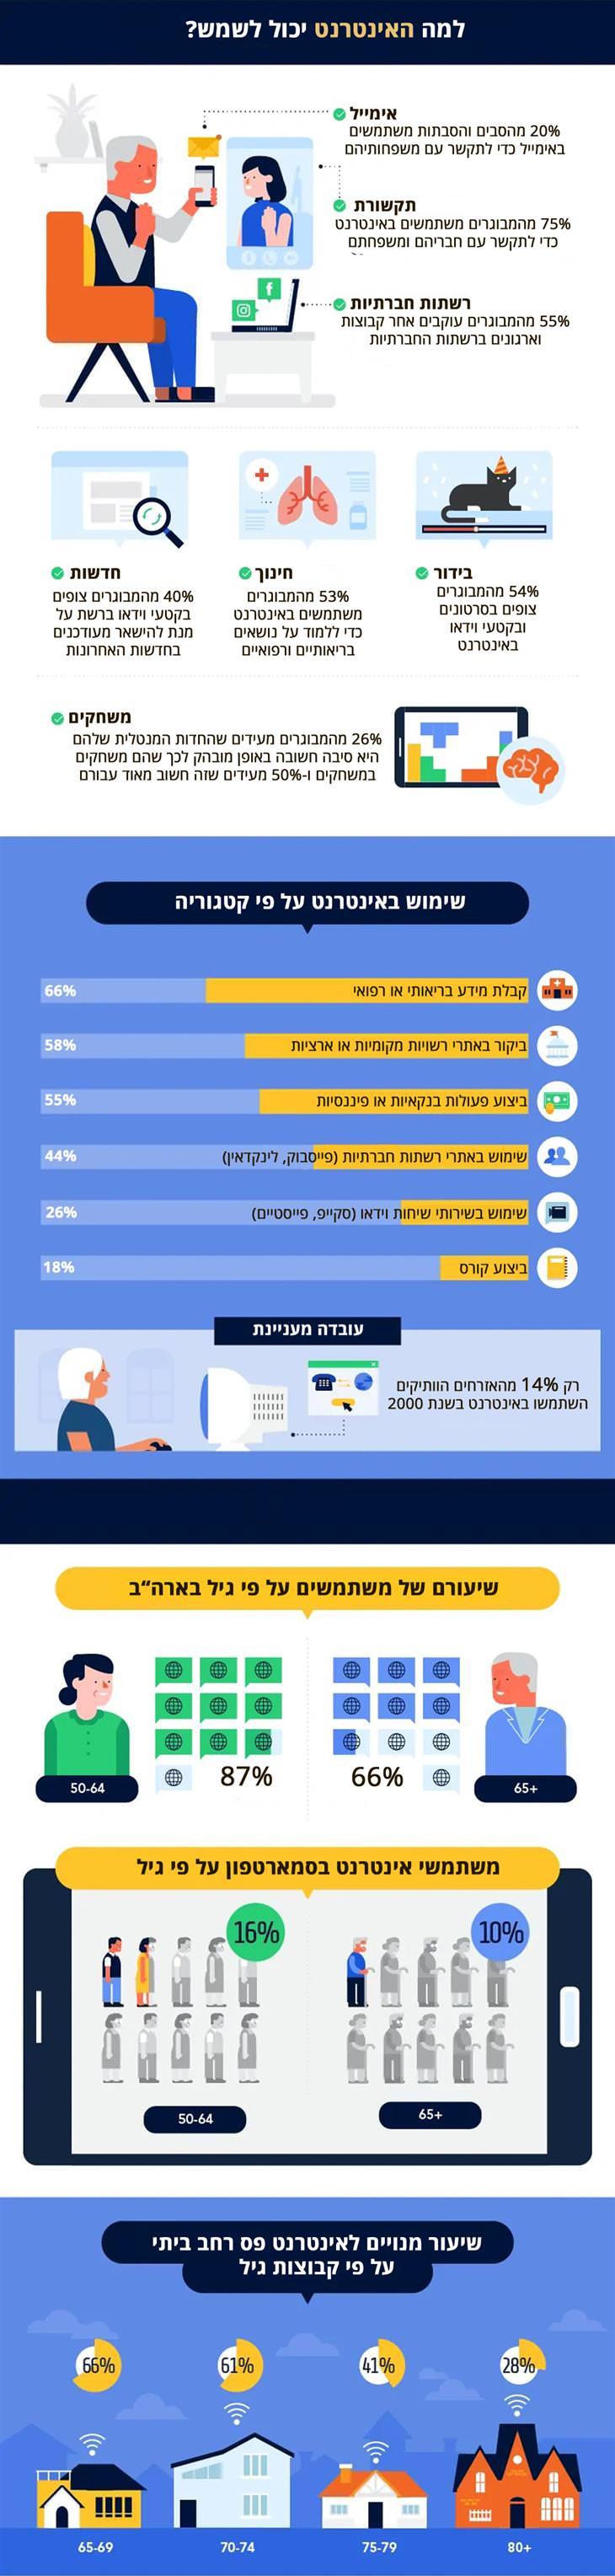 מדריך אינפוגרפי: נתונים על שימוש מבוגרים ברשת האינטרנט